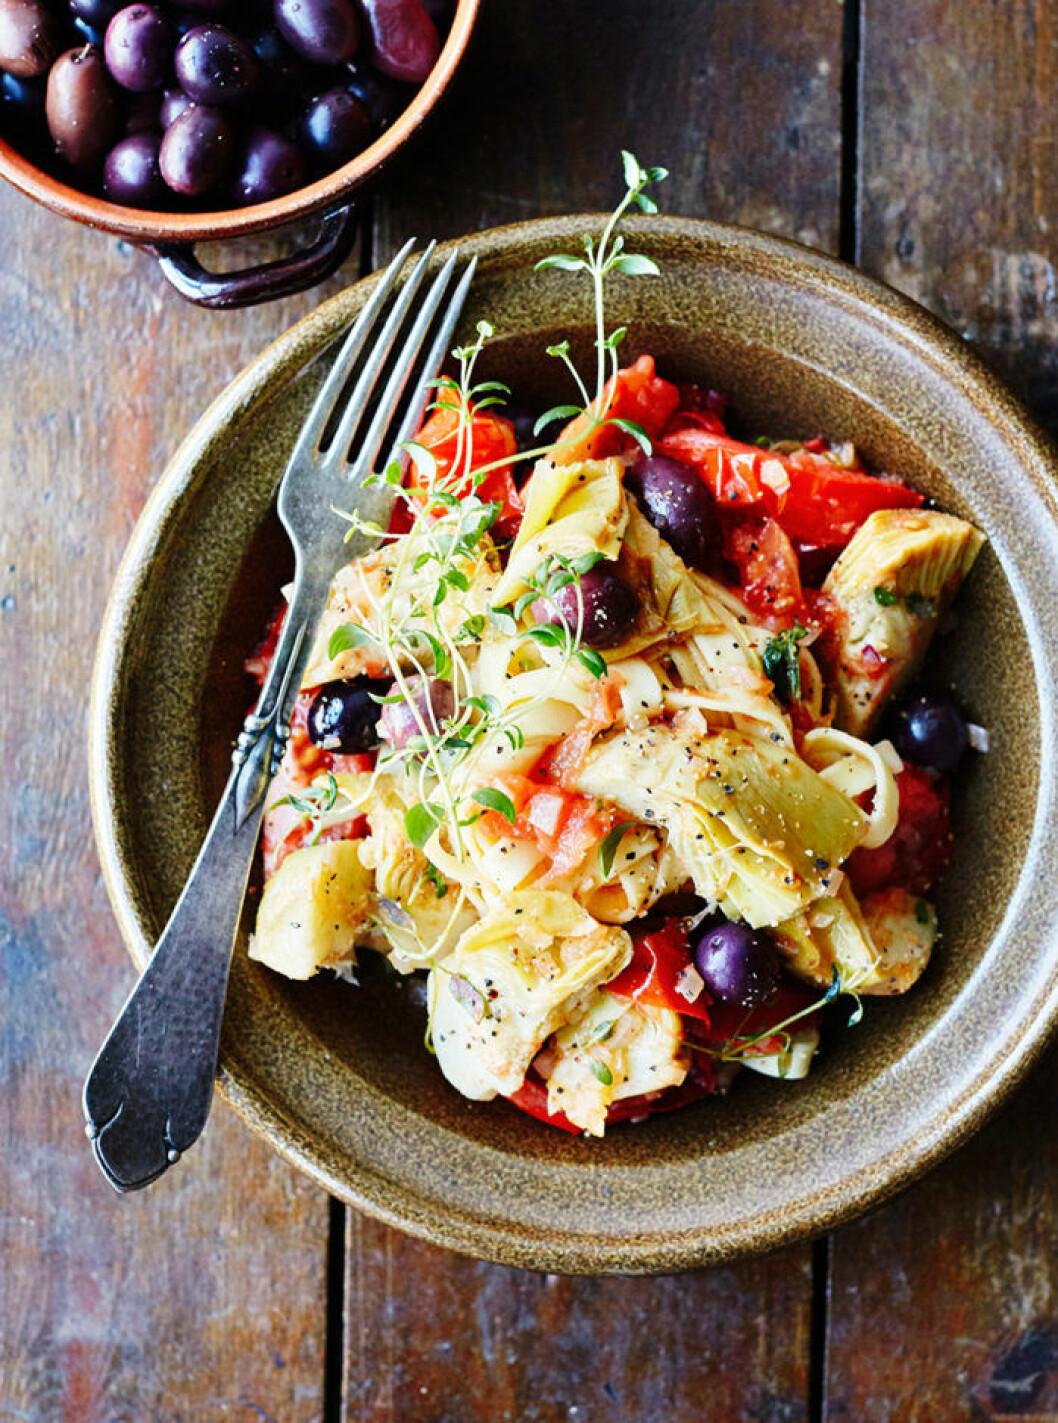 Pasta carciofi med tomater, kronärtskockor och oliver.